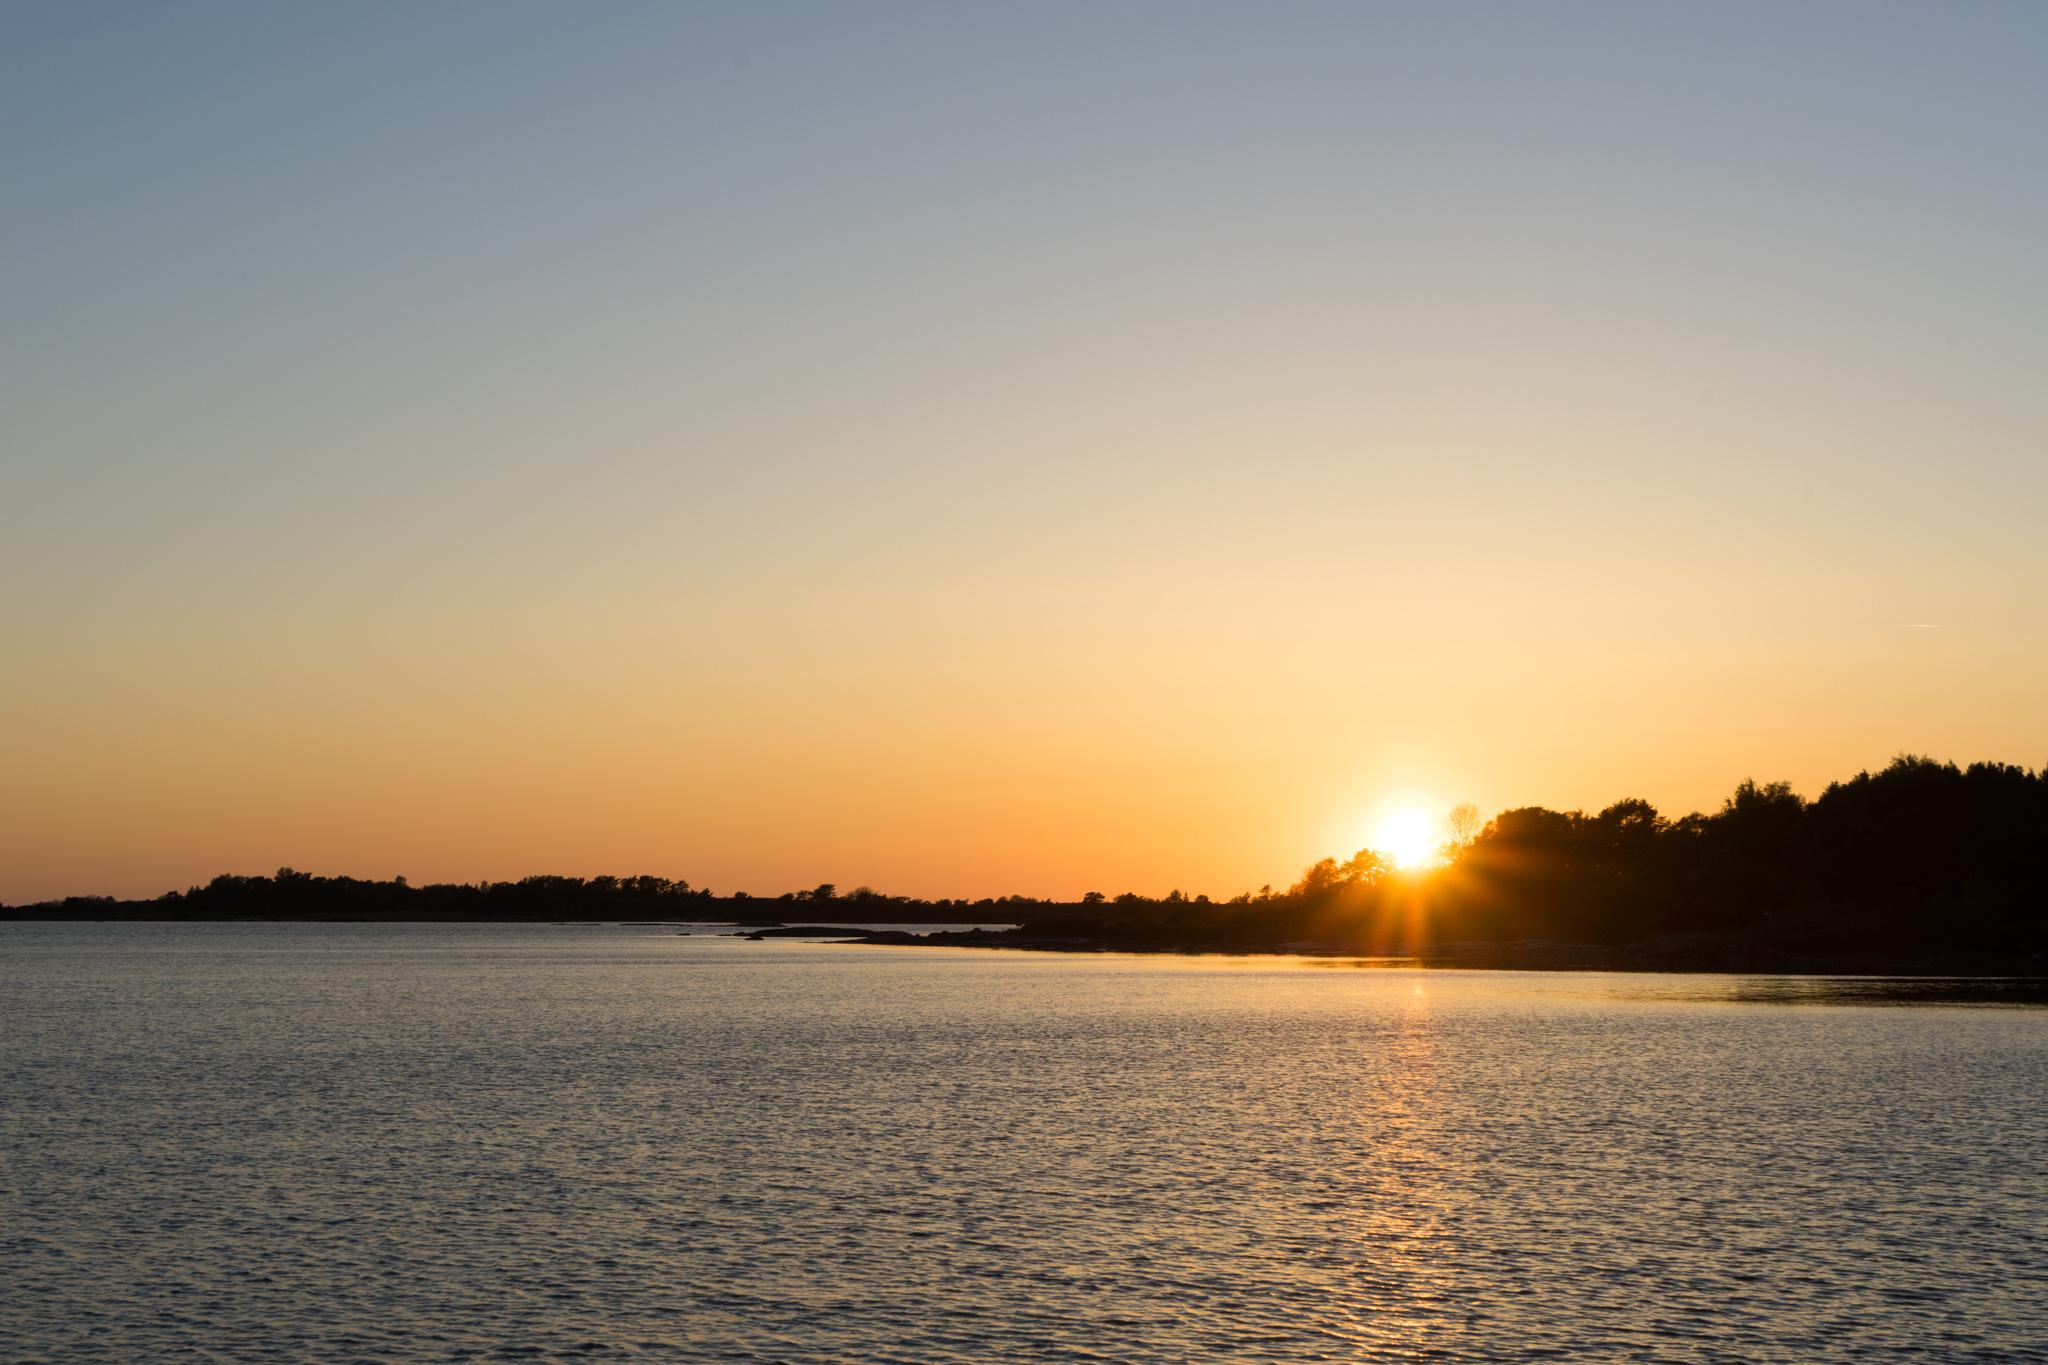 Sonnenuntergang um 22:30 Uhr